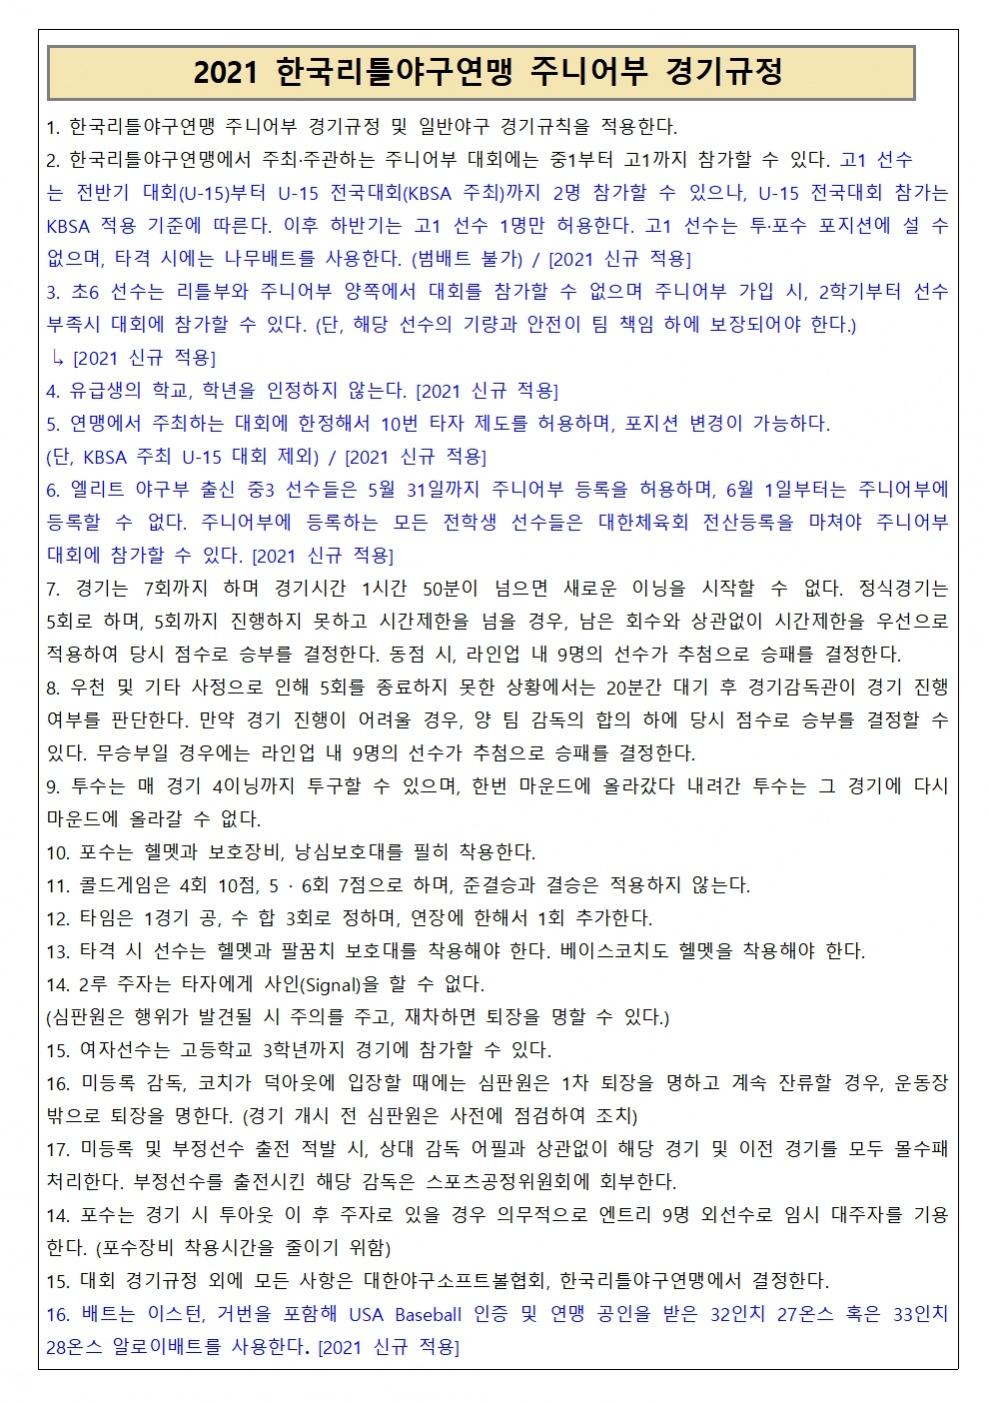 2021 주니어부 경기규정001.jpg